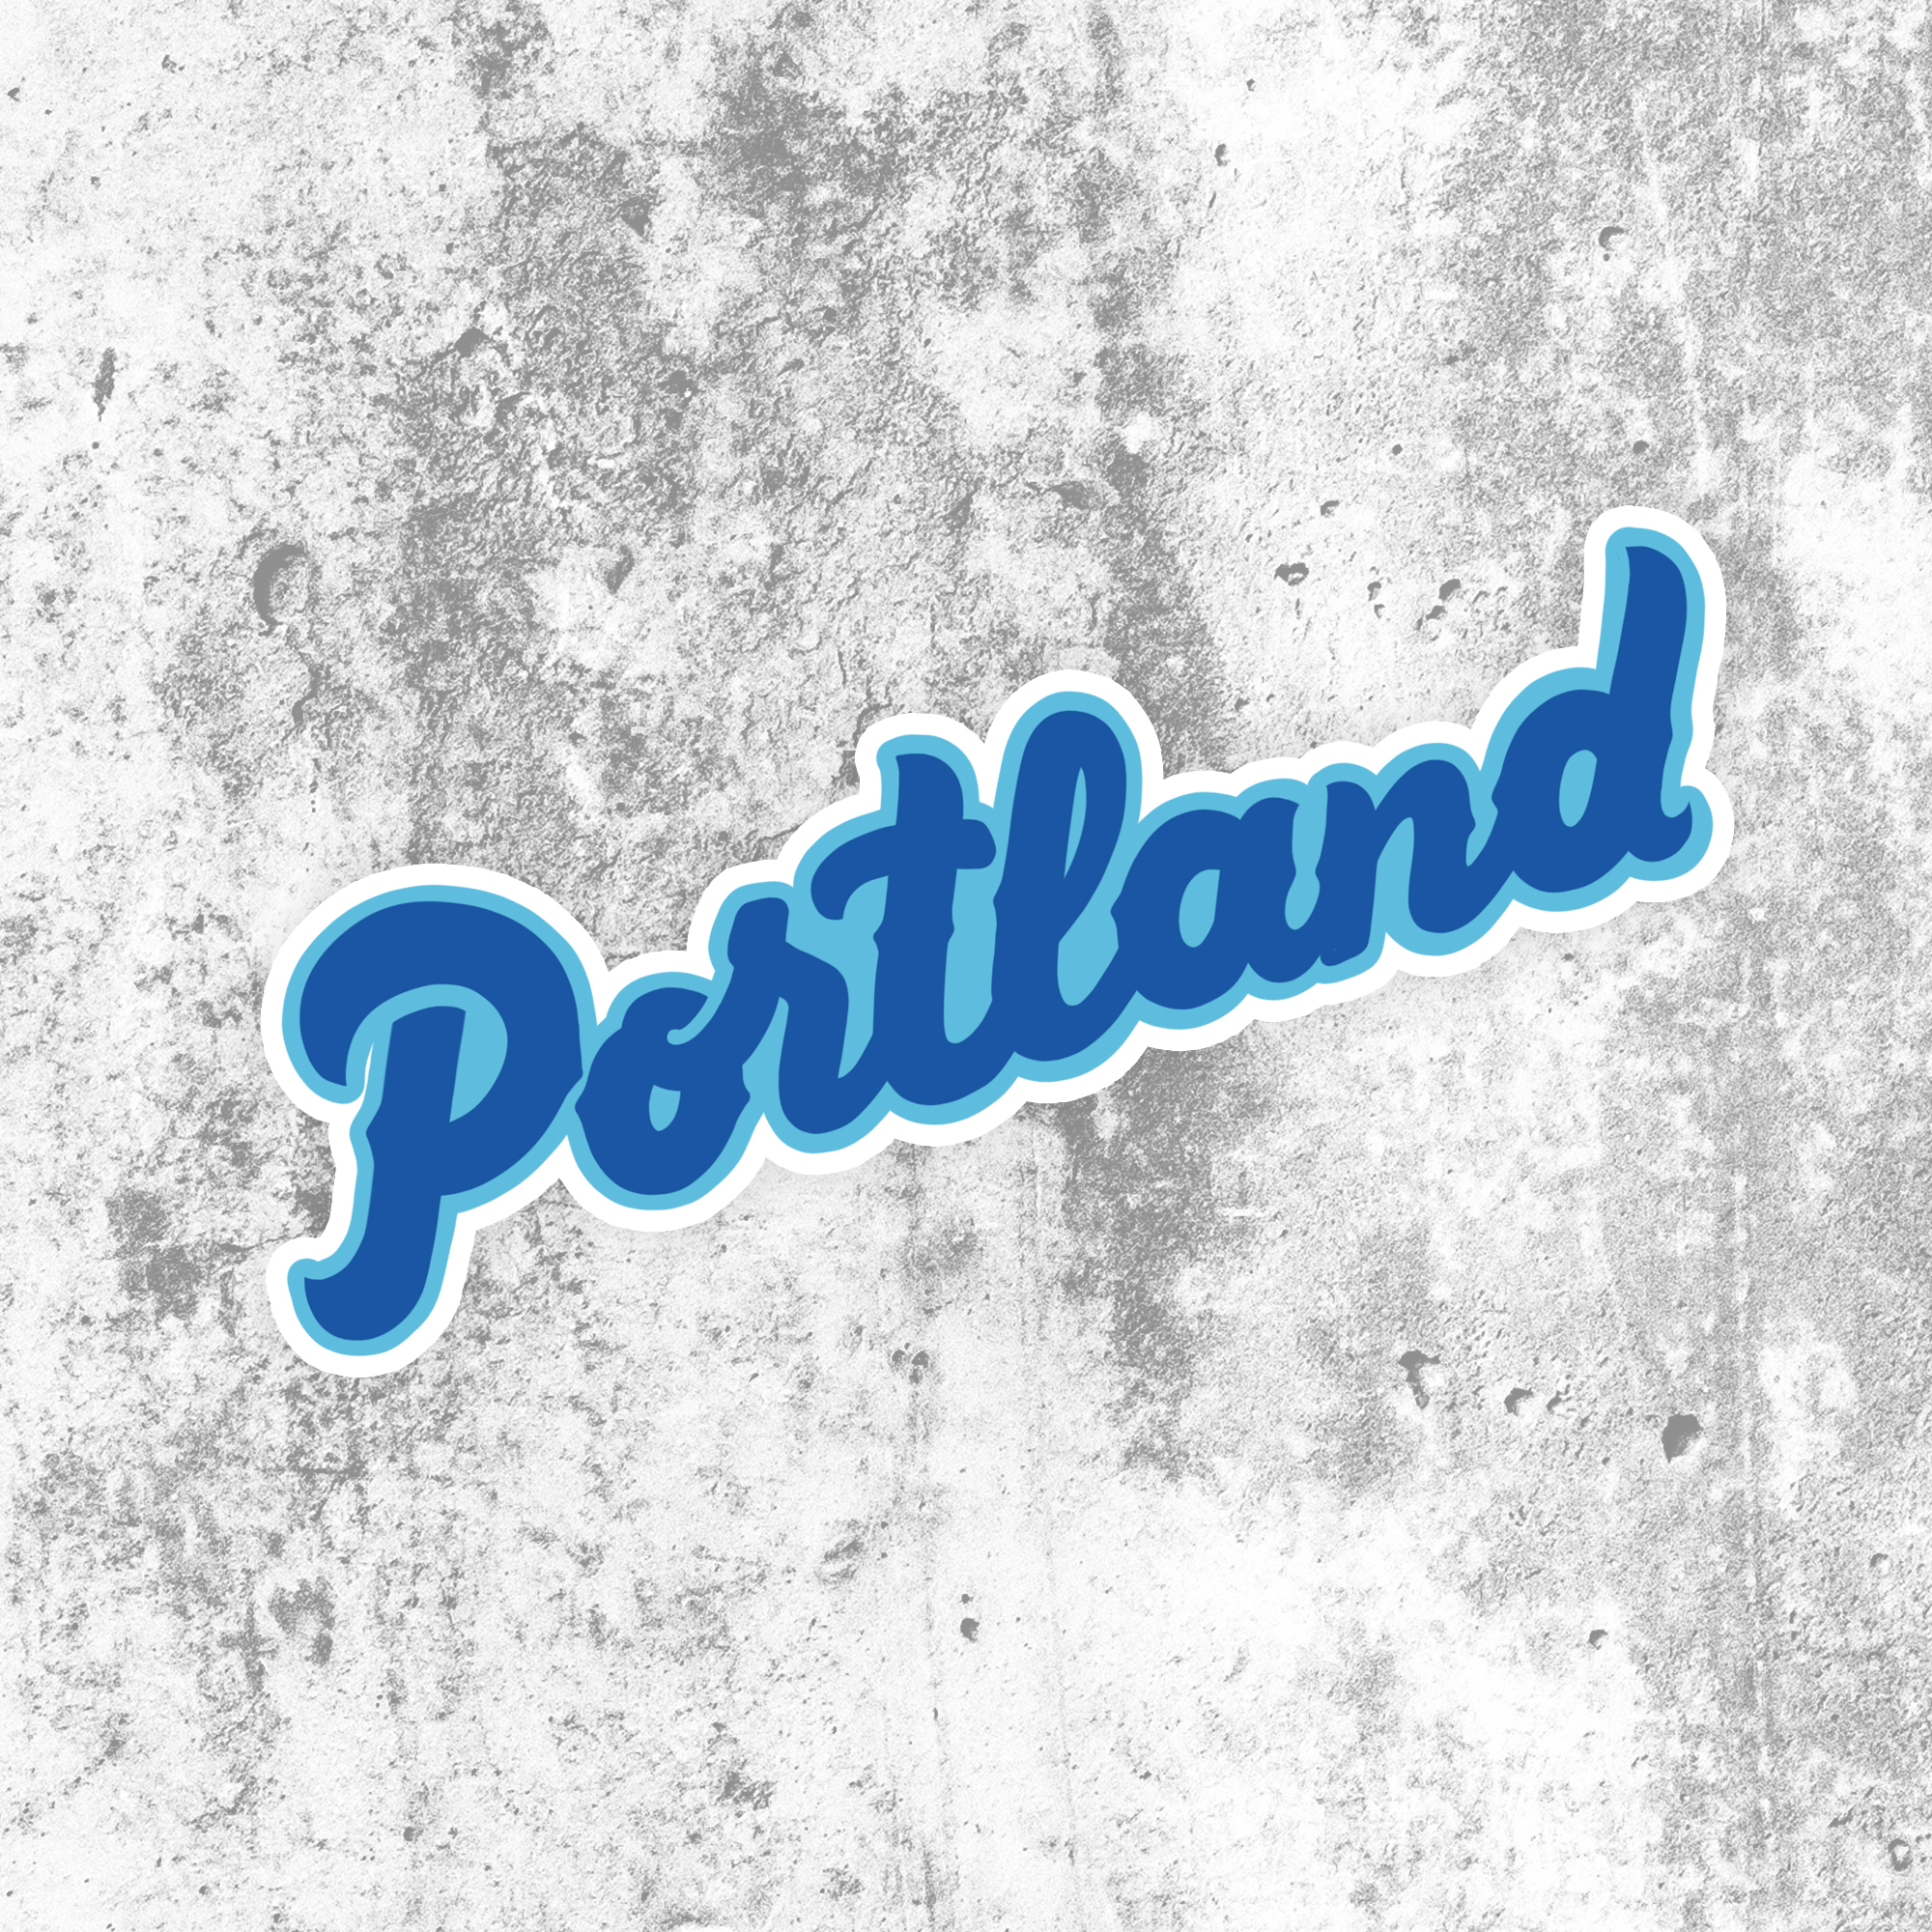 portland_04.jpg